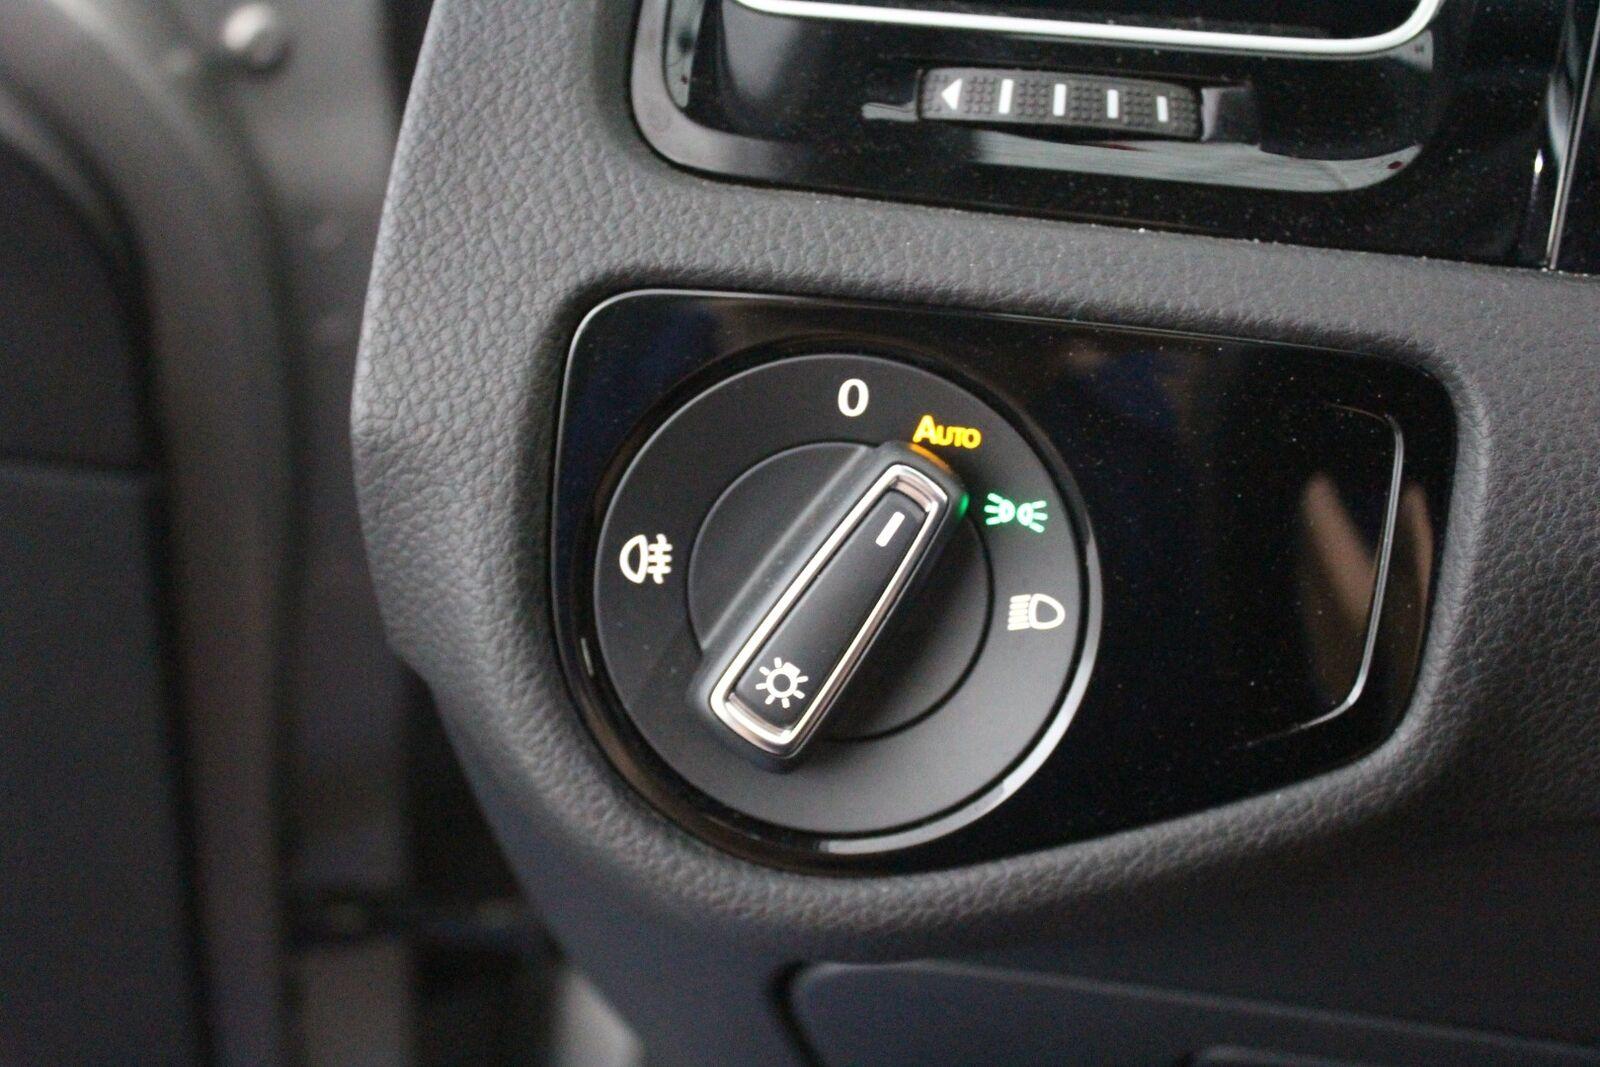 VW Golf VII 1,4 GTE DSG